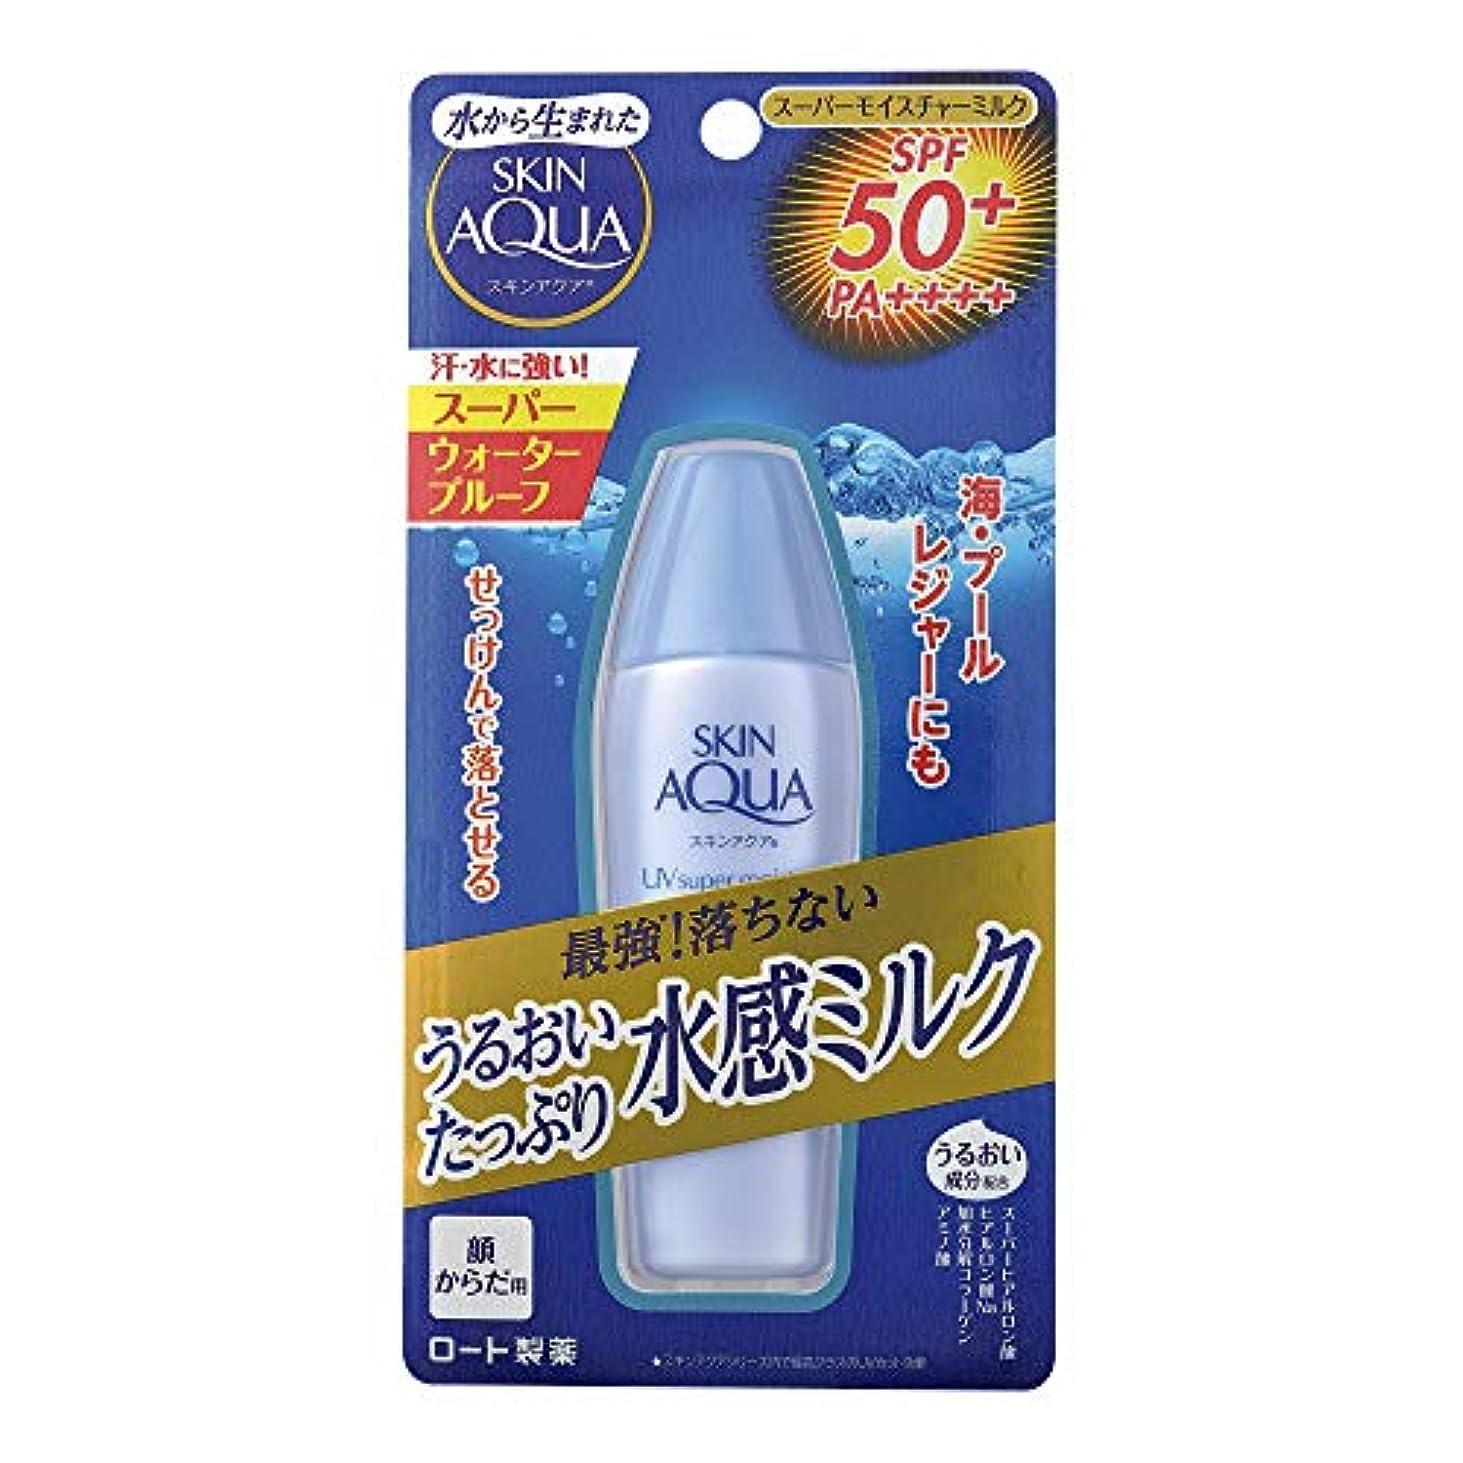 化合物一元化する多年生スキンアクア (SKIN AQUA) 日焼け止め スーパーモイスチャーミルク 潤い成分4種配合 水感ミルク (SPF50 PA++++) 40mL ※スーパーウォータープルーフ